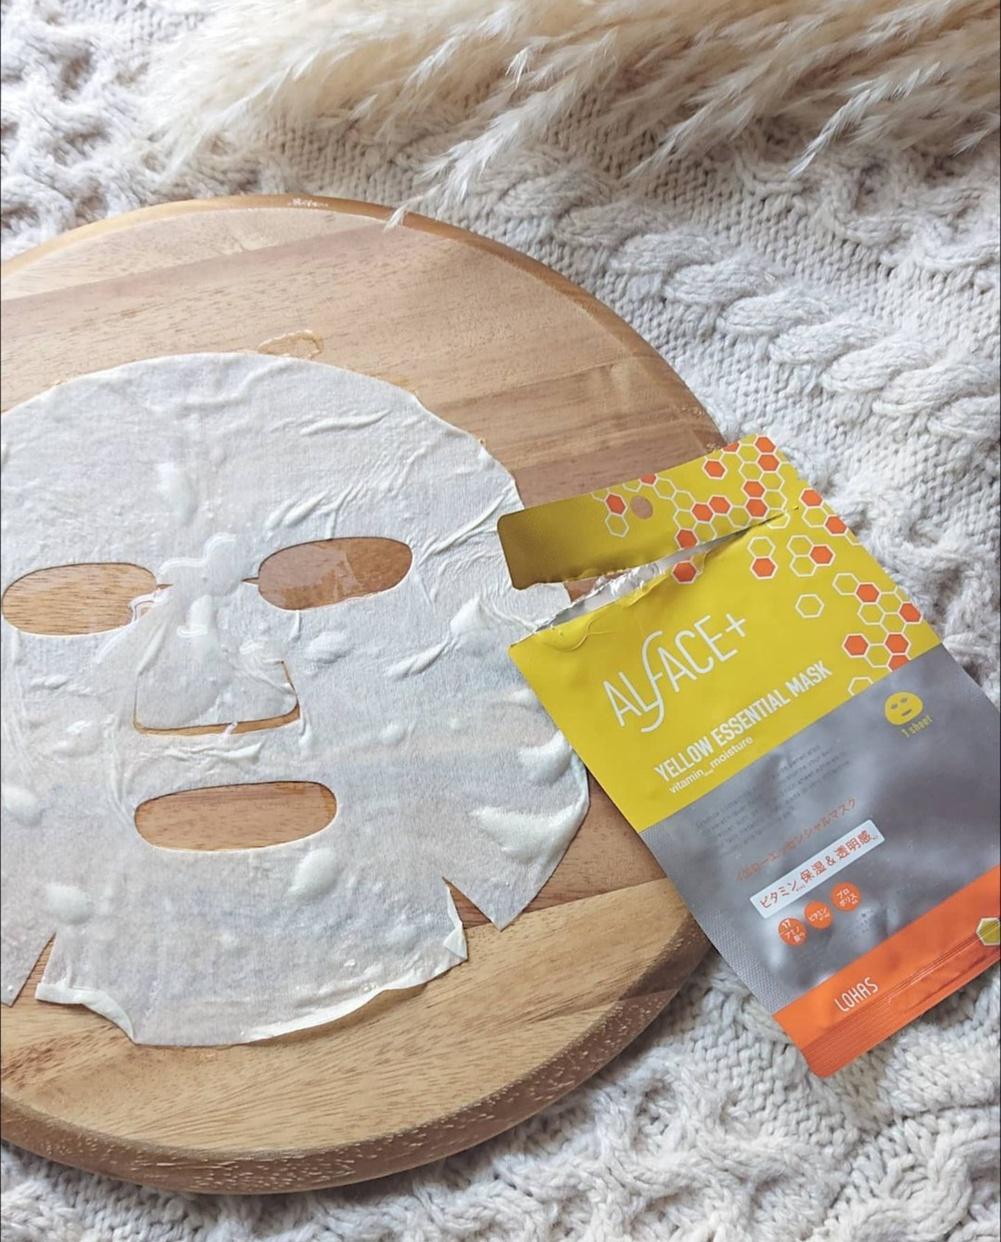 ALFACE+(オルフェス) イエローエッセンシャルマスクを使ったFU-RINさんのクチコミ画像1